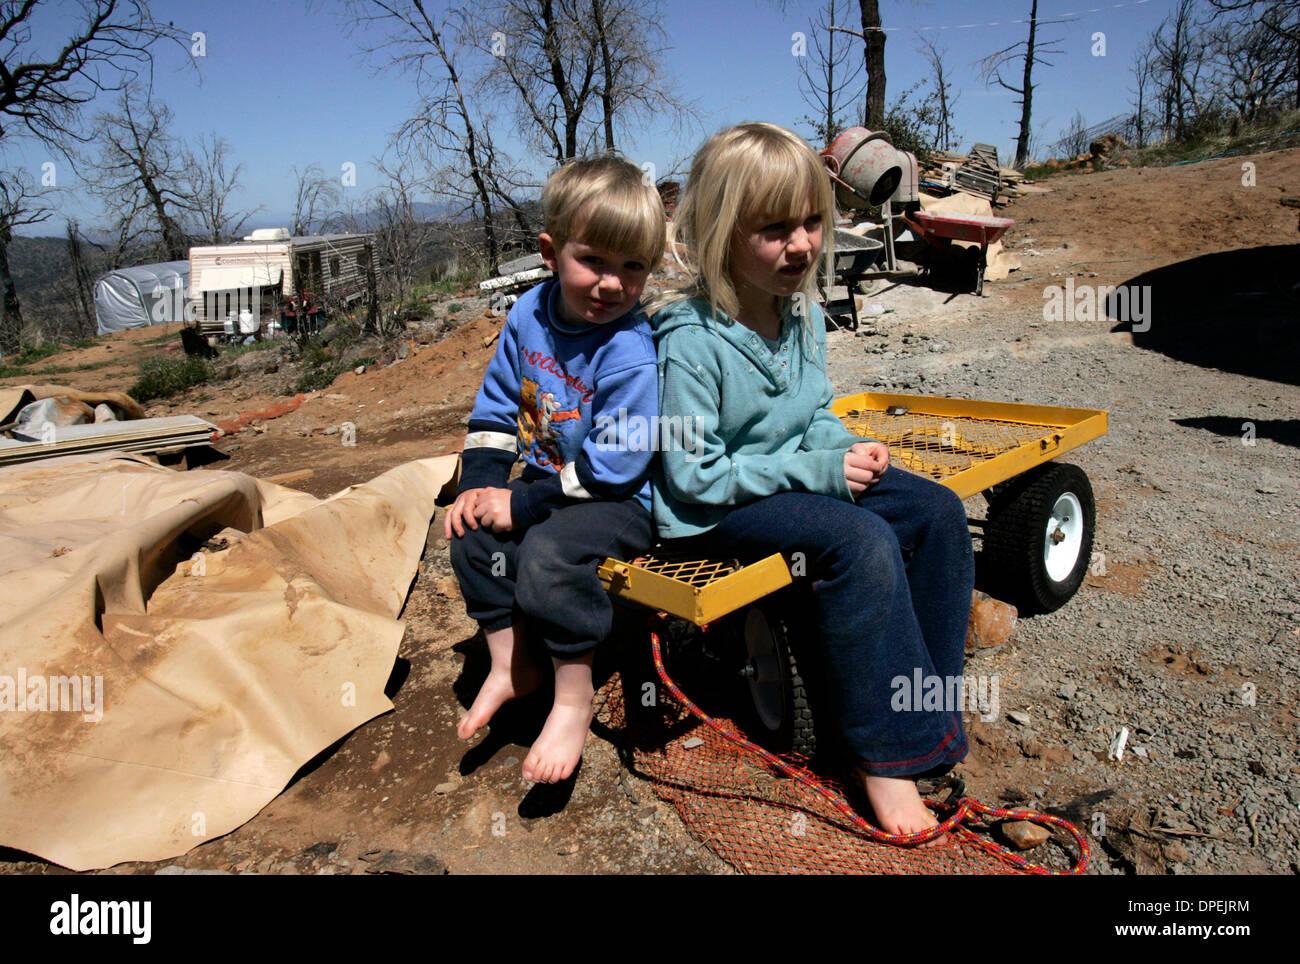 Cq Zarchive Znotabs Stock Photos & Cq Zarchive Znotabs Stock ... on